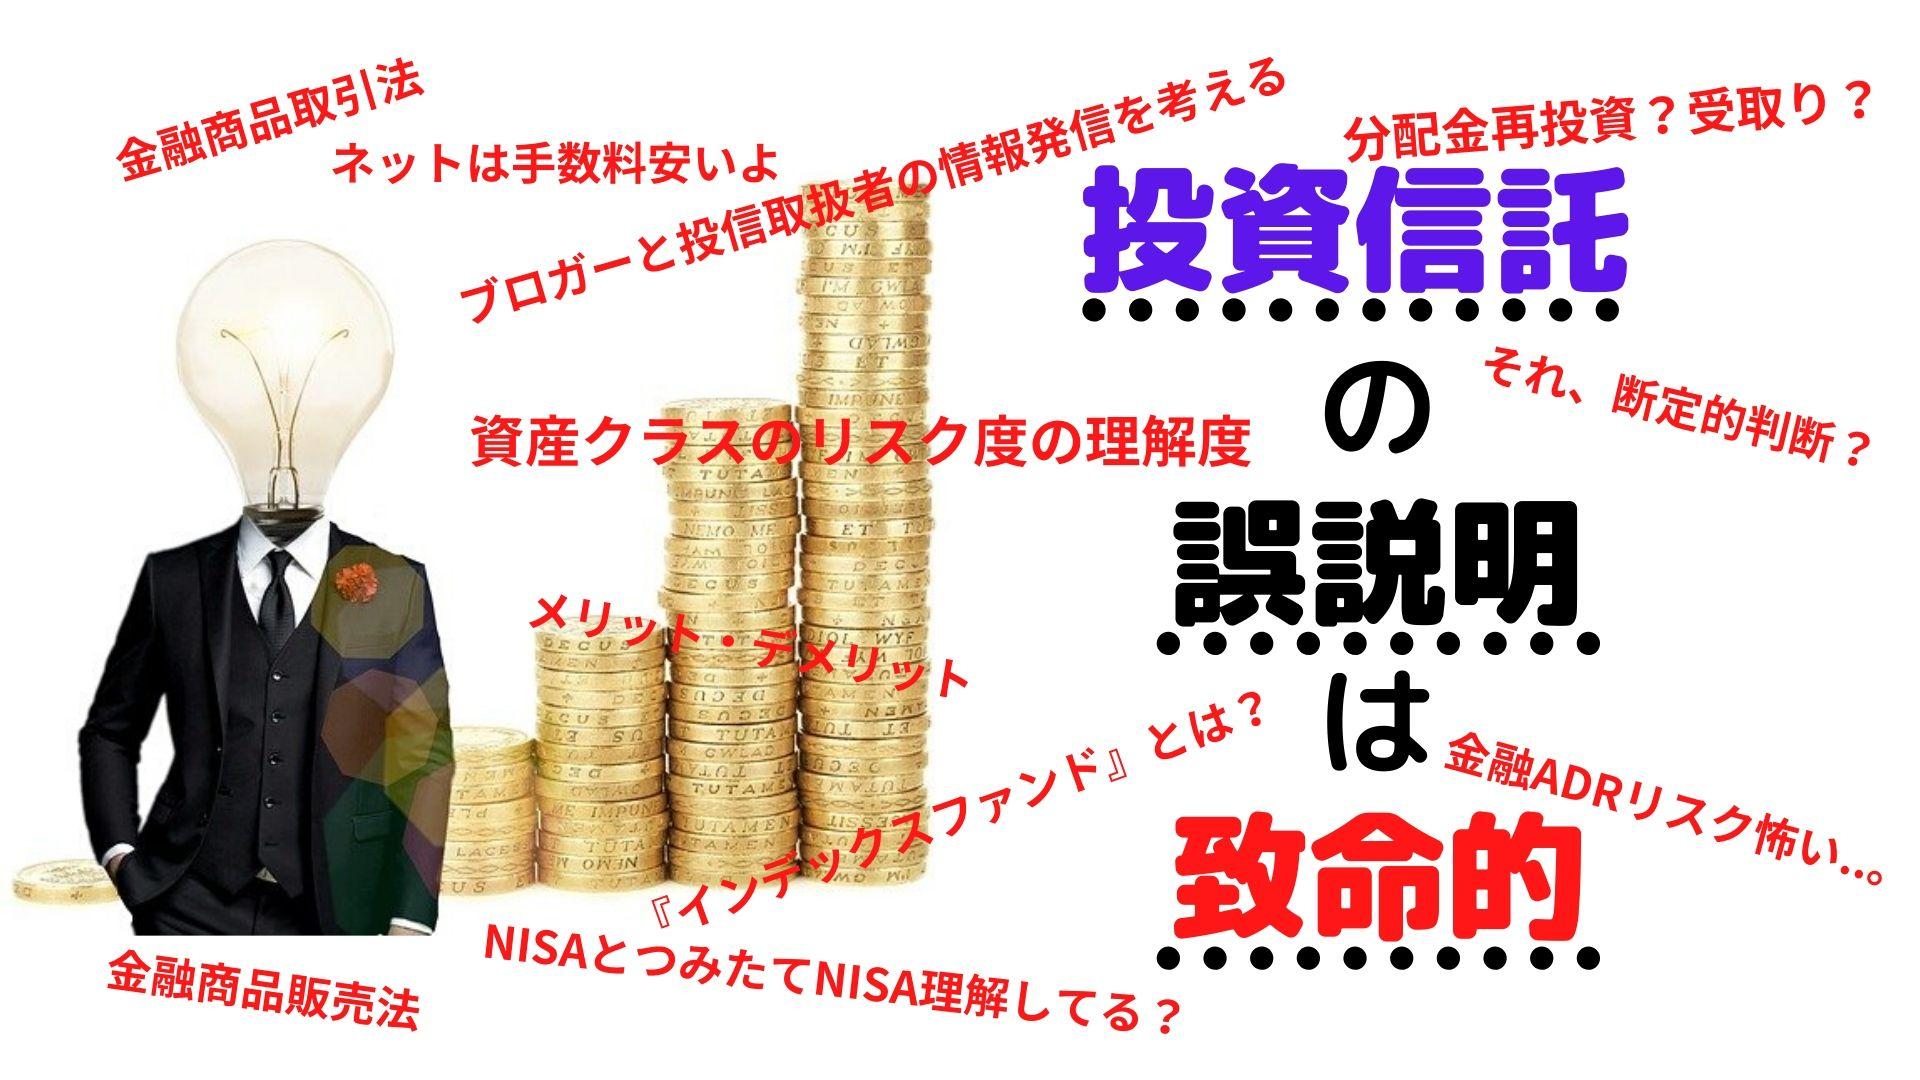 投資 信託 速報 ゆうちょ 銀行